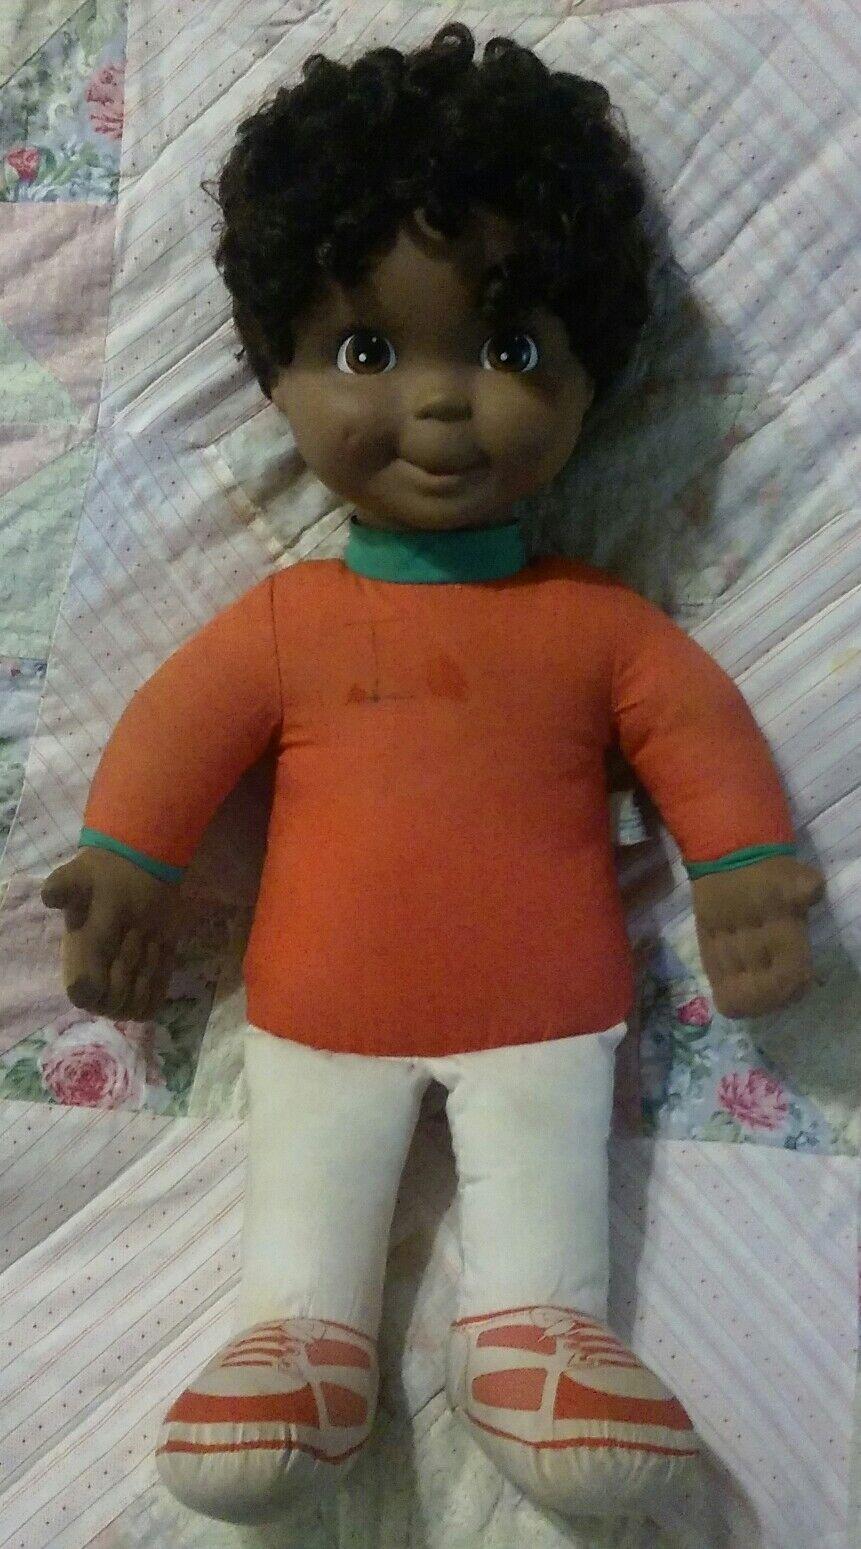 Vintage Playskool My Buddy Afrikanisch Amerikanische Spanier Junge Doll No